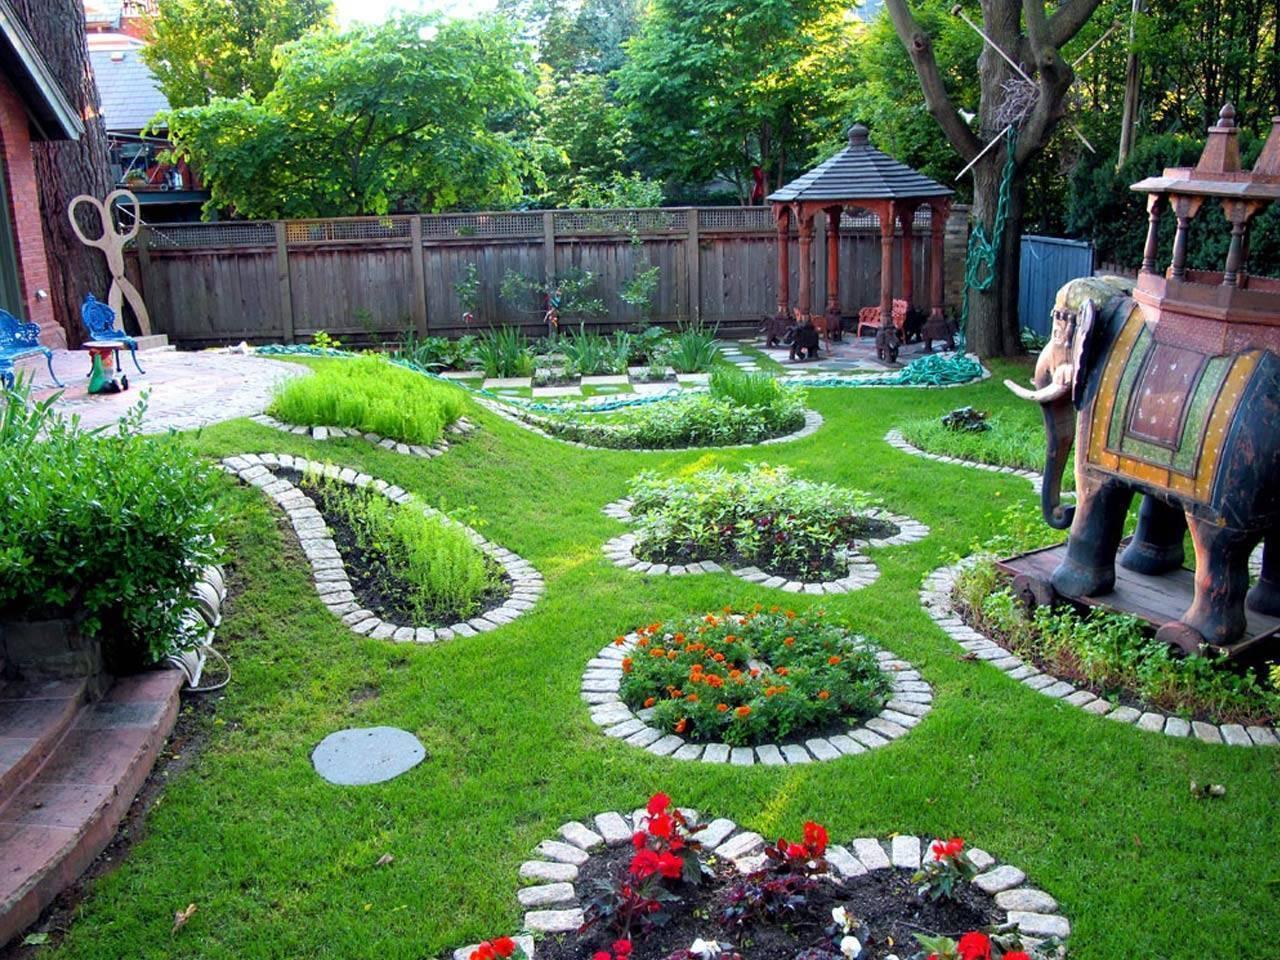 Украшение участка: обустройство своими руками дачного, садового и приусадебного участка